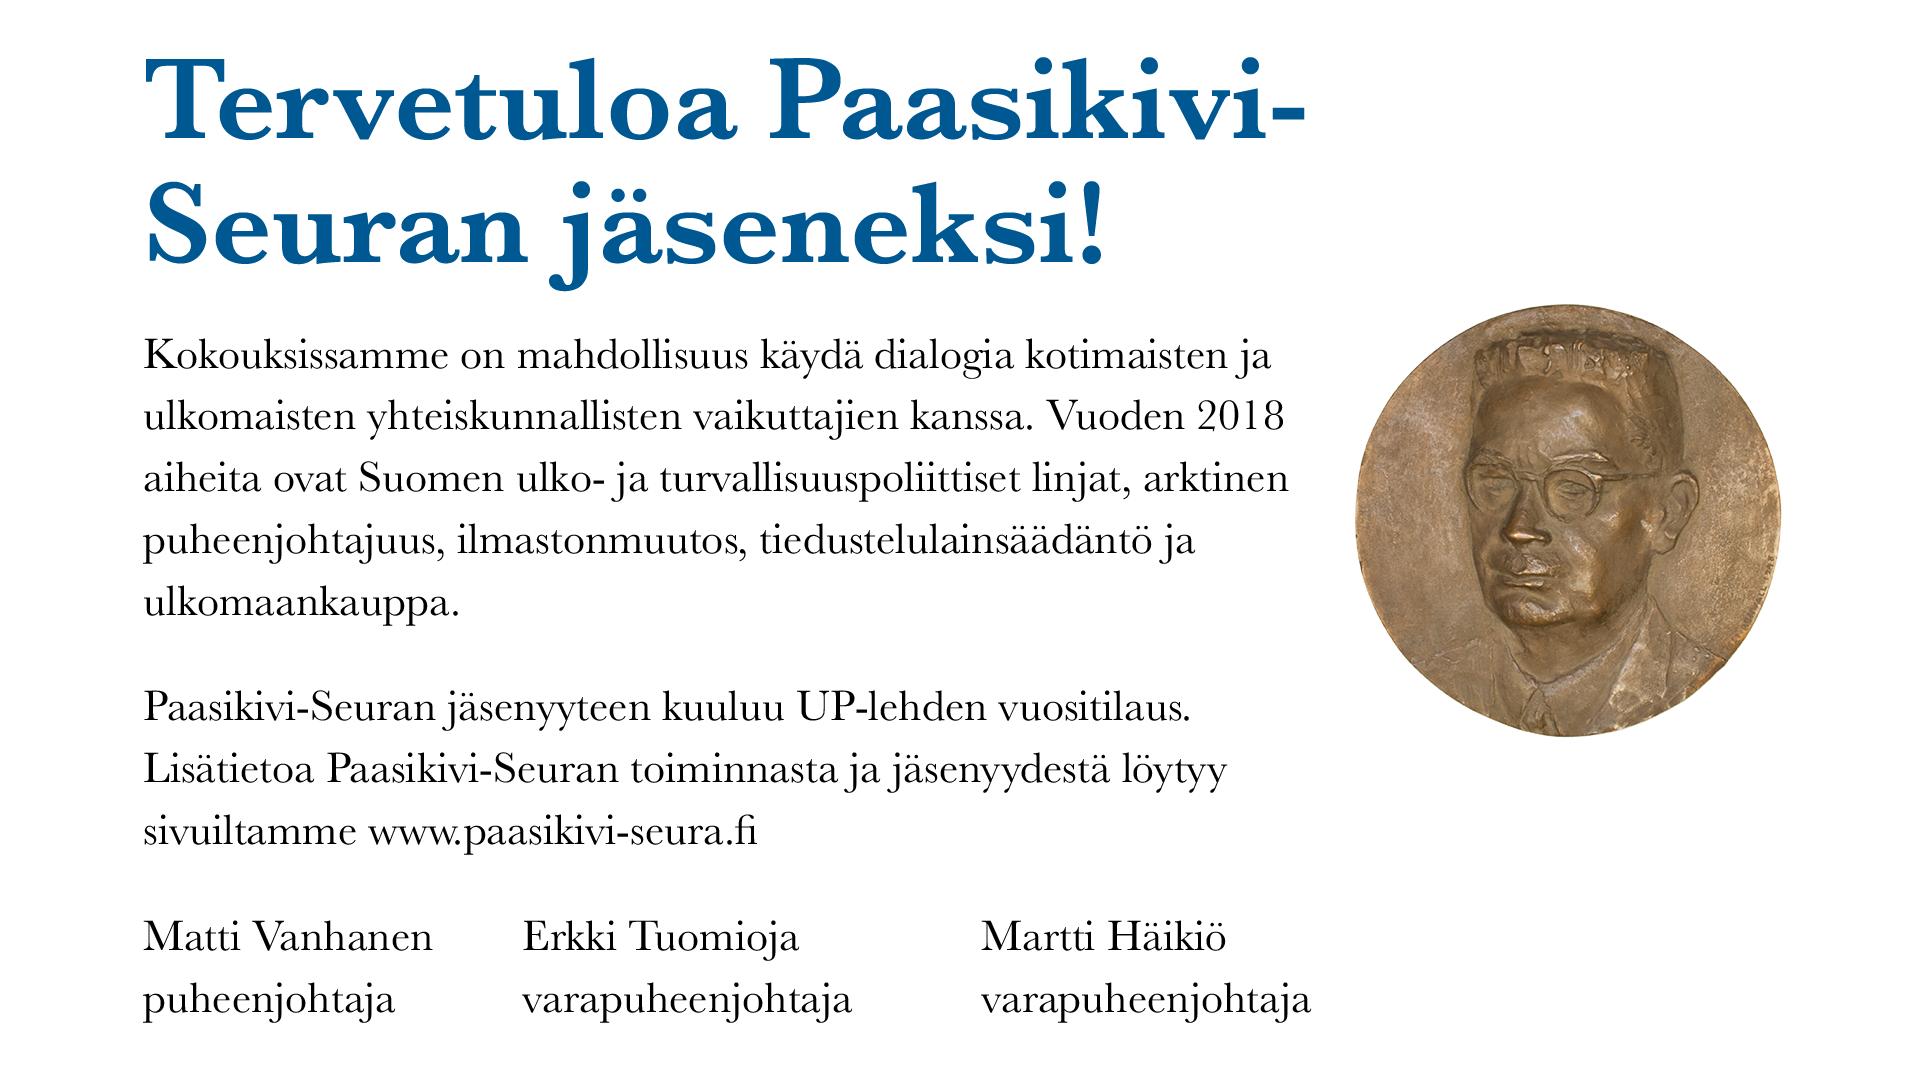 Tarvetuloa_Paasikivi-Seuran_jaseneksi_valkoinen